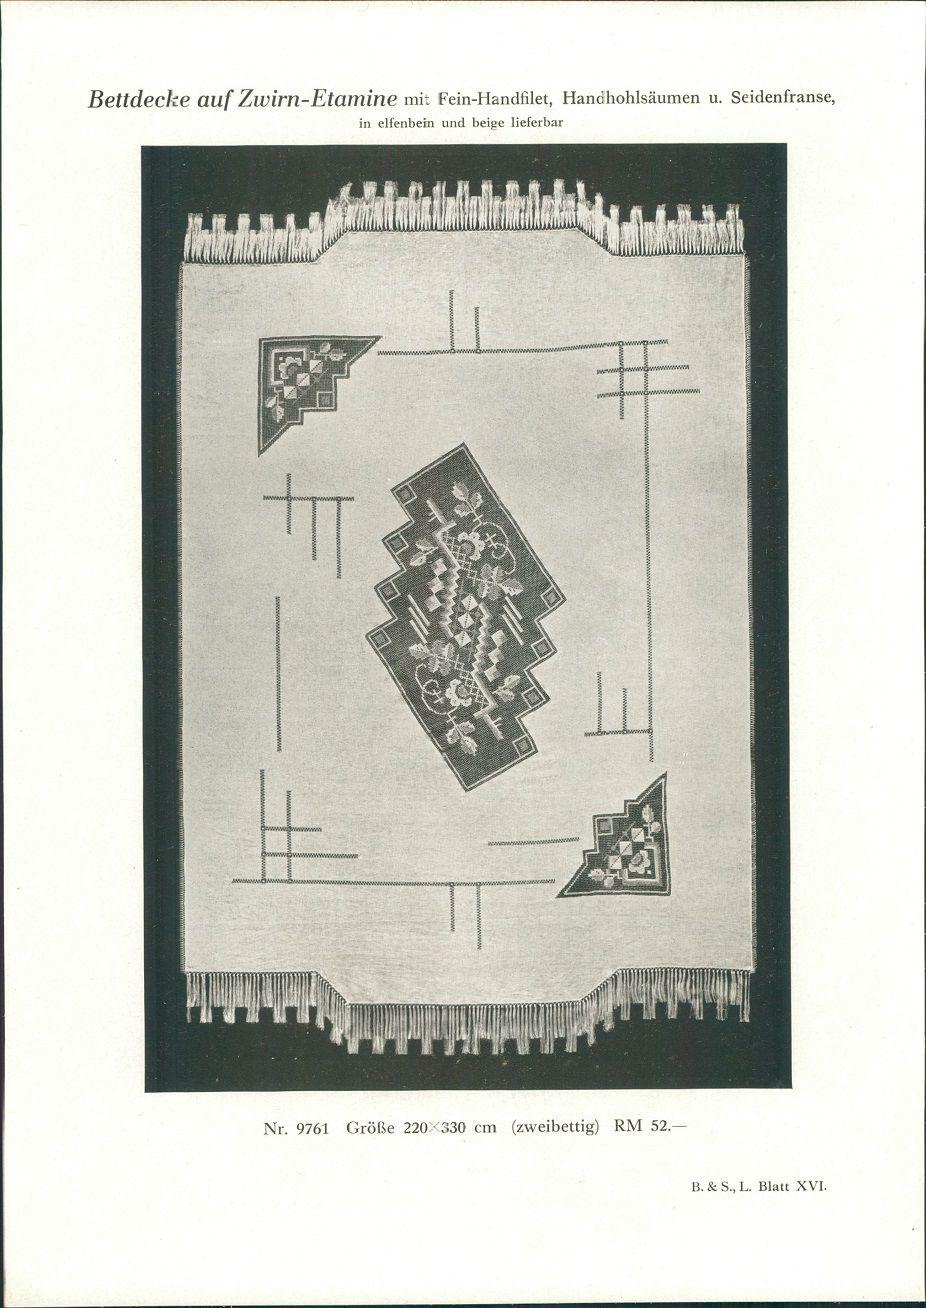 1928 - Druck nach Photographie: Bettdecke auf Zwirn-Etamine mit Feinhandfilet, Handhohlsäumen u. Seidenfranse. In elfenbein und beige lieferbar. Nr. 9761: Größe 220x330 cm (zweibettig) RM 52.-. B. & S. L. Blatt XVI.